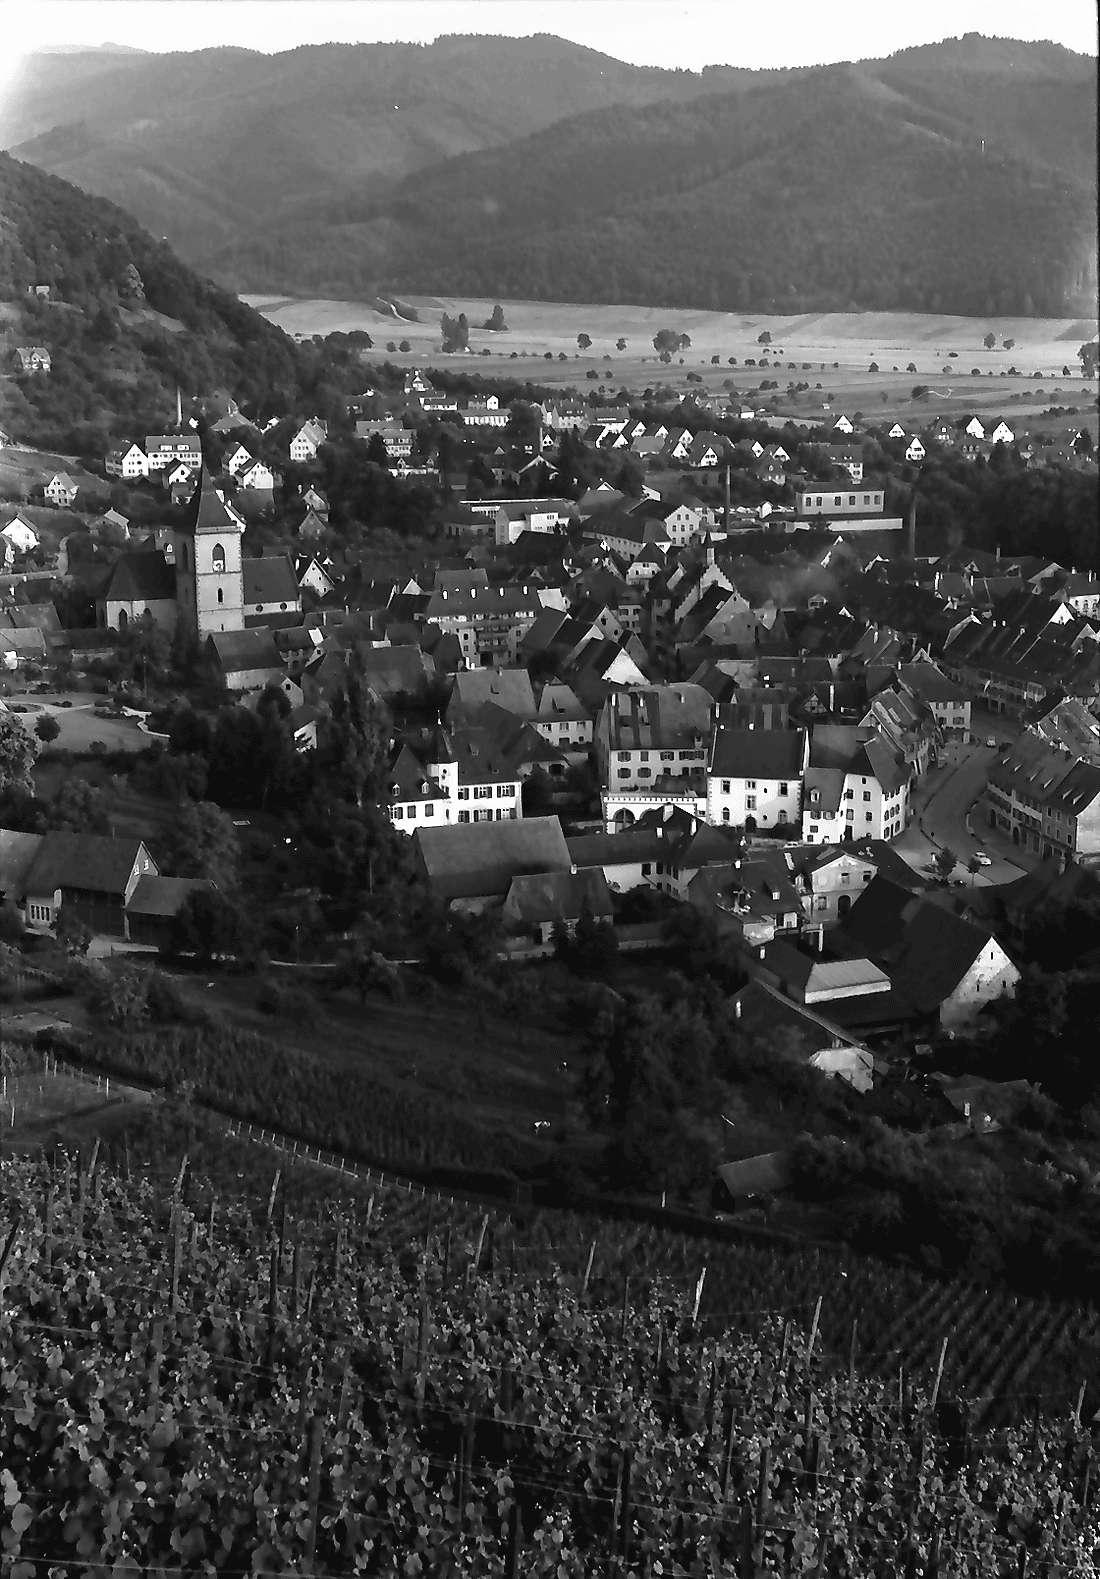 Staufen: Vom Schlossberg auf Staufen, Bild 1